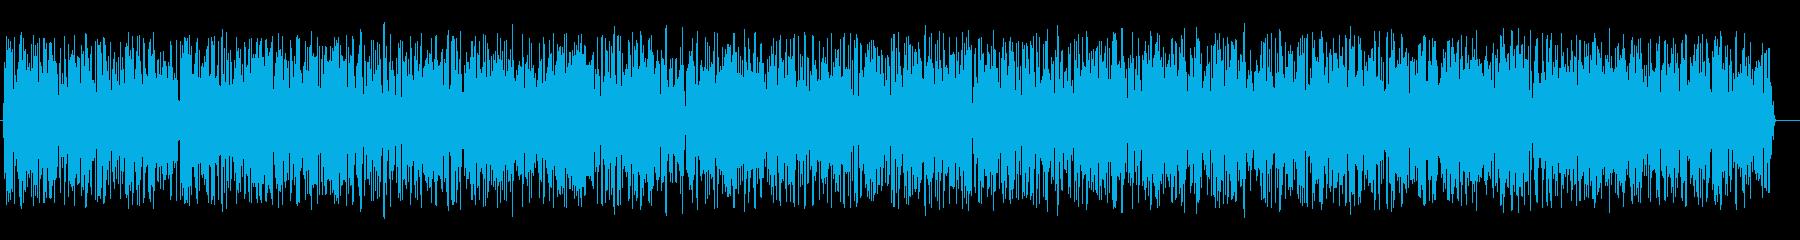 ゴォォー(ノイズ音)の再生済みの波形